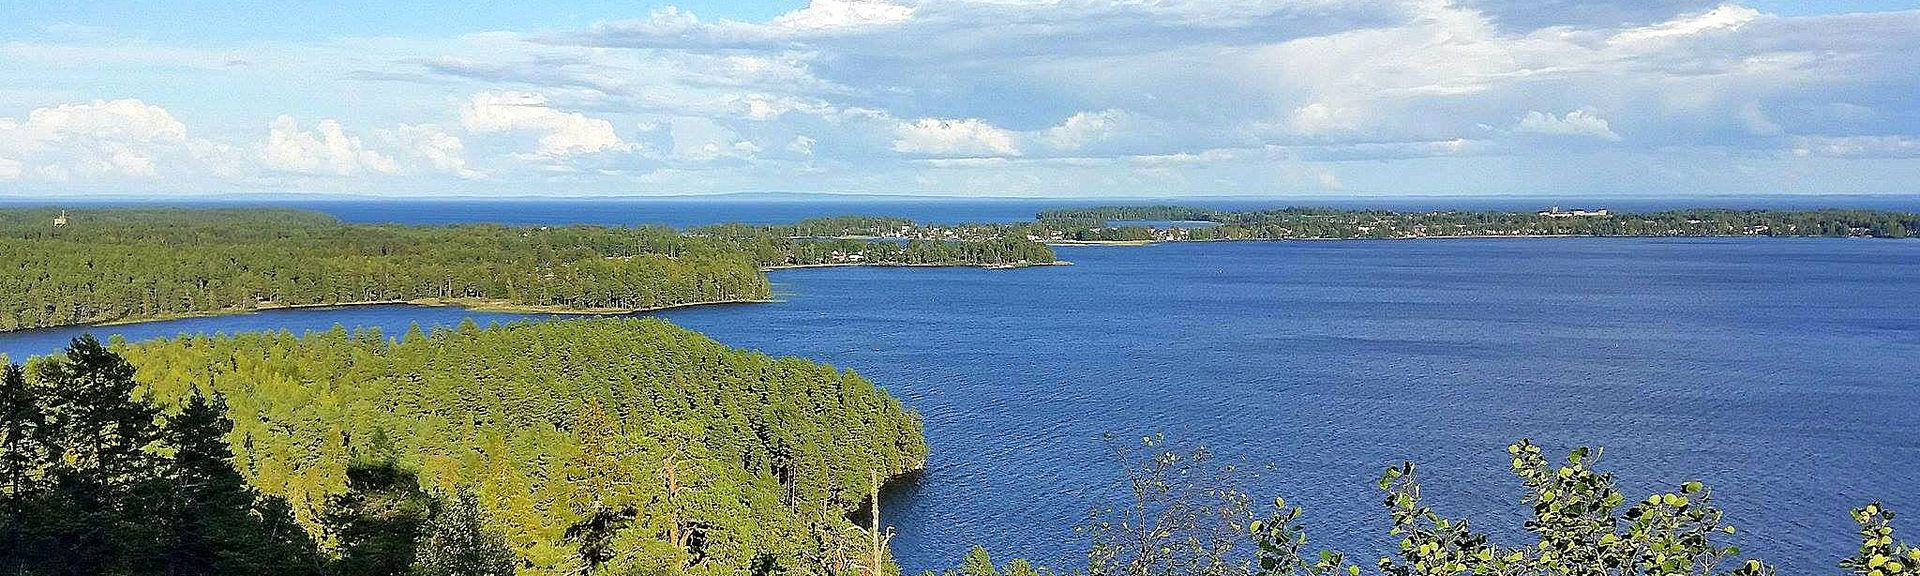 Västra Götaland, Szwecja